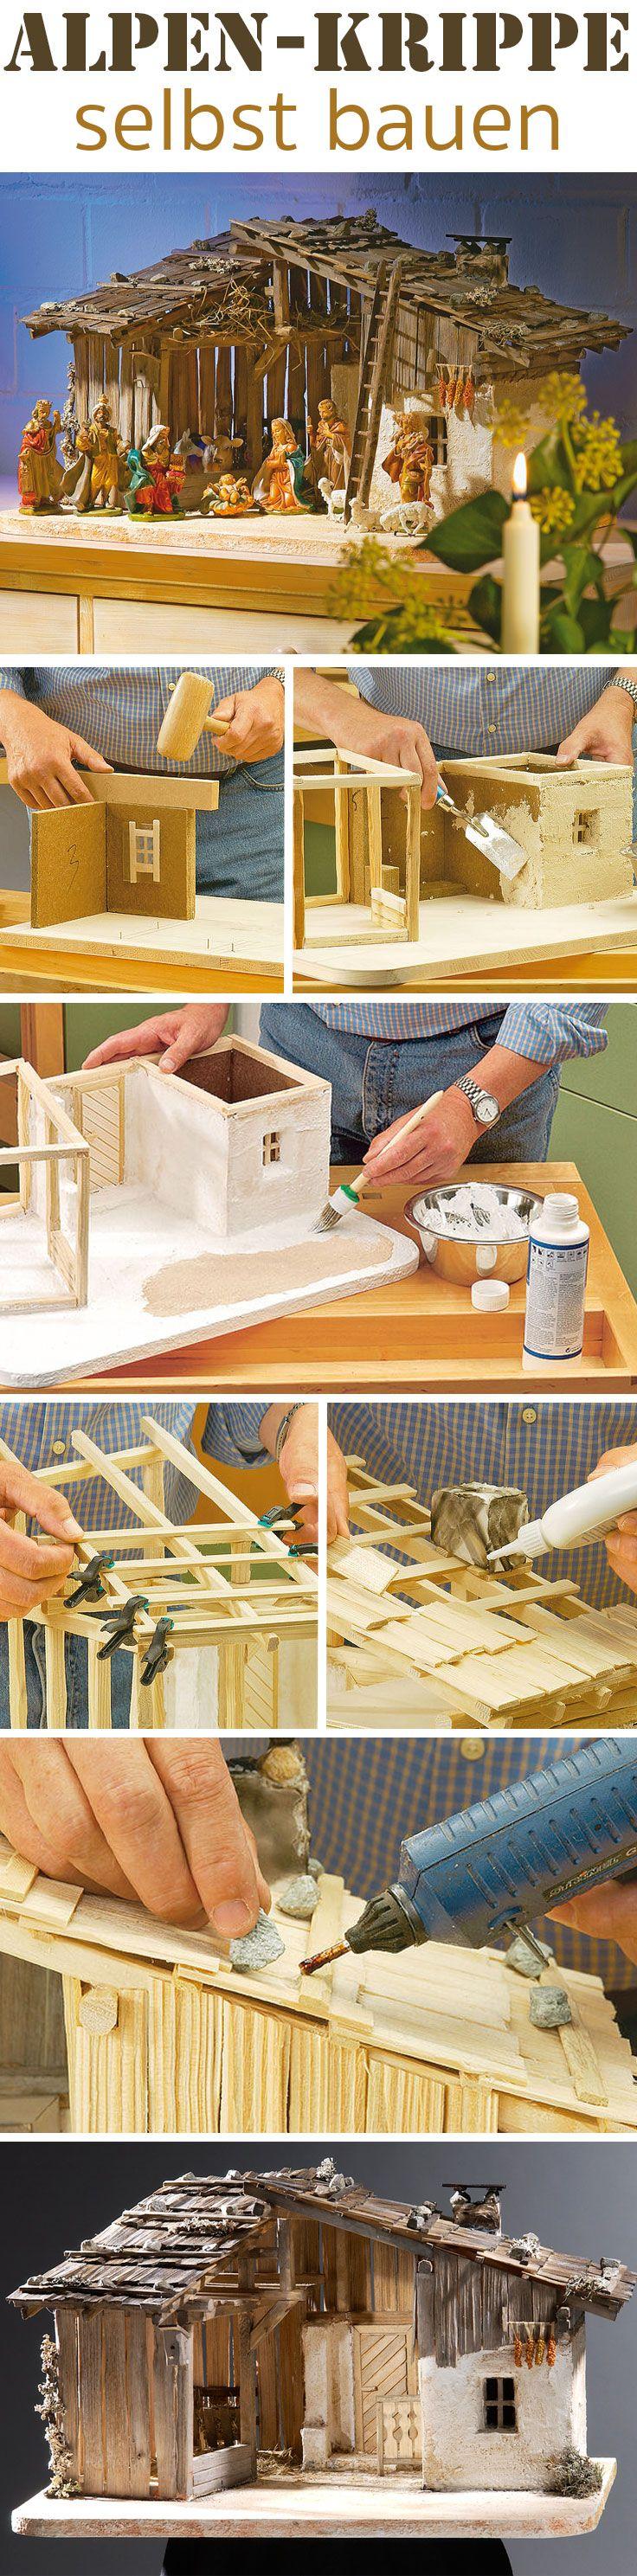 die 25 besten ideen zu krippe bauen auf pinterest selbst bauen krippe selbstgebaute krippe. Black Bedroom Furniture Sets. Home Design Ideas